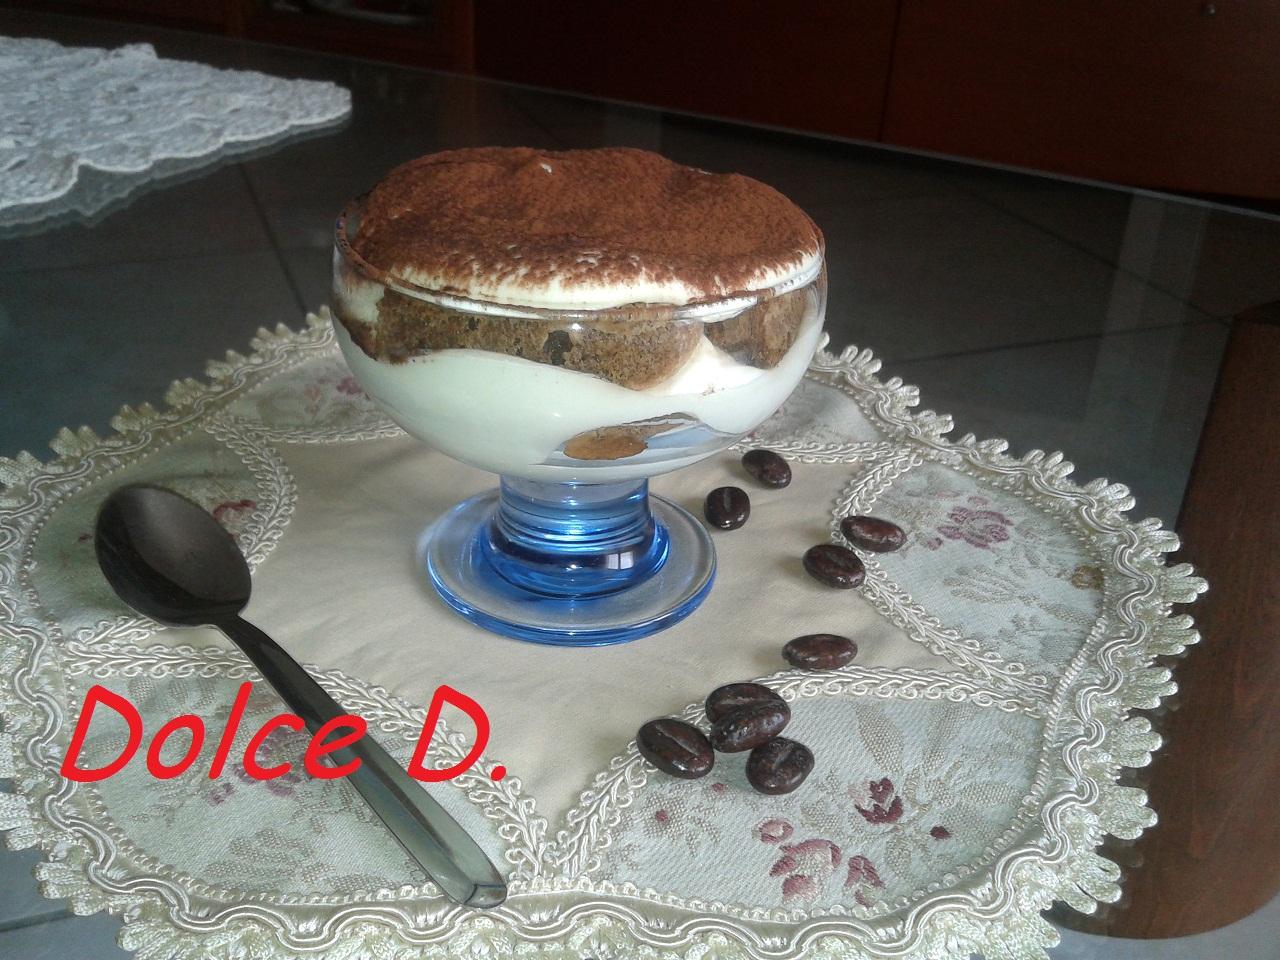 http://3.bp.blogspot.com/-zttHyH-Q5aE/T1236hXZYcI/AAAAAAAABuU/0-rATl7ATWs/s1600/20120311_105548.jpg